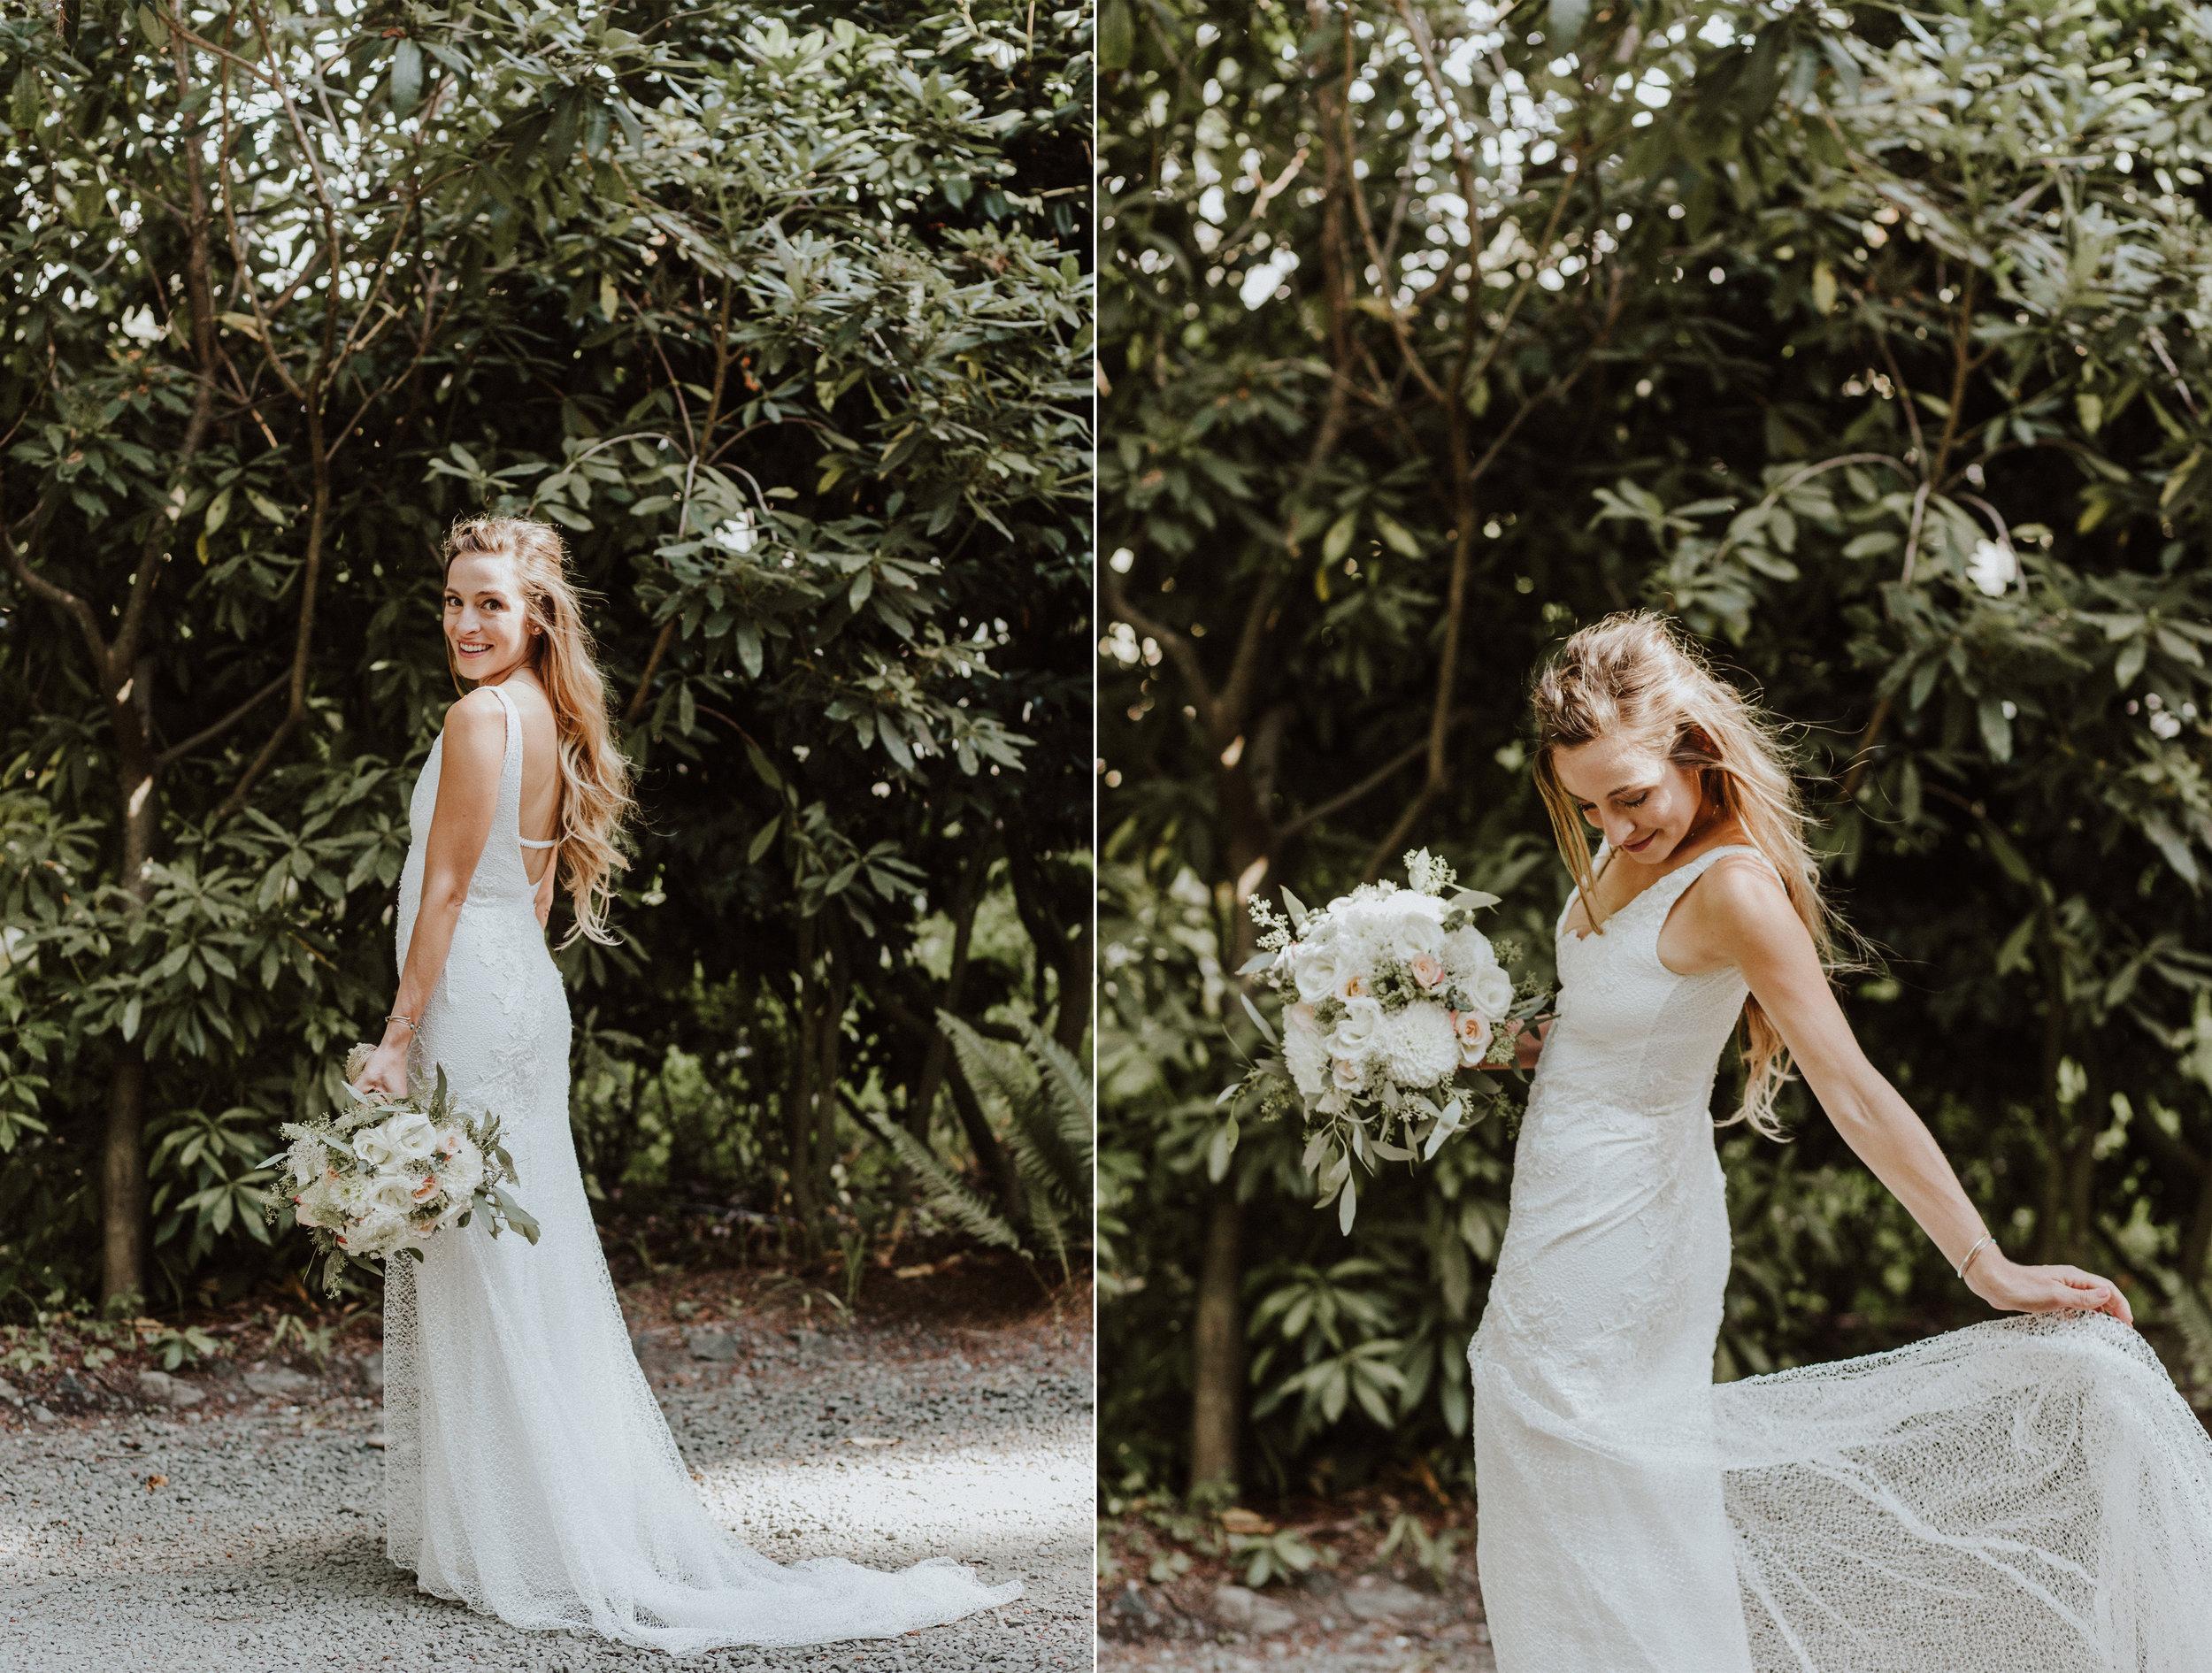 wedding portrait igor kudelko photography